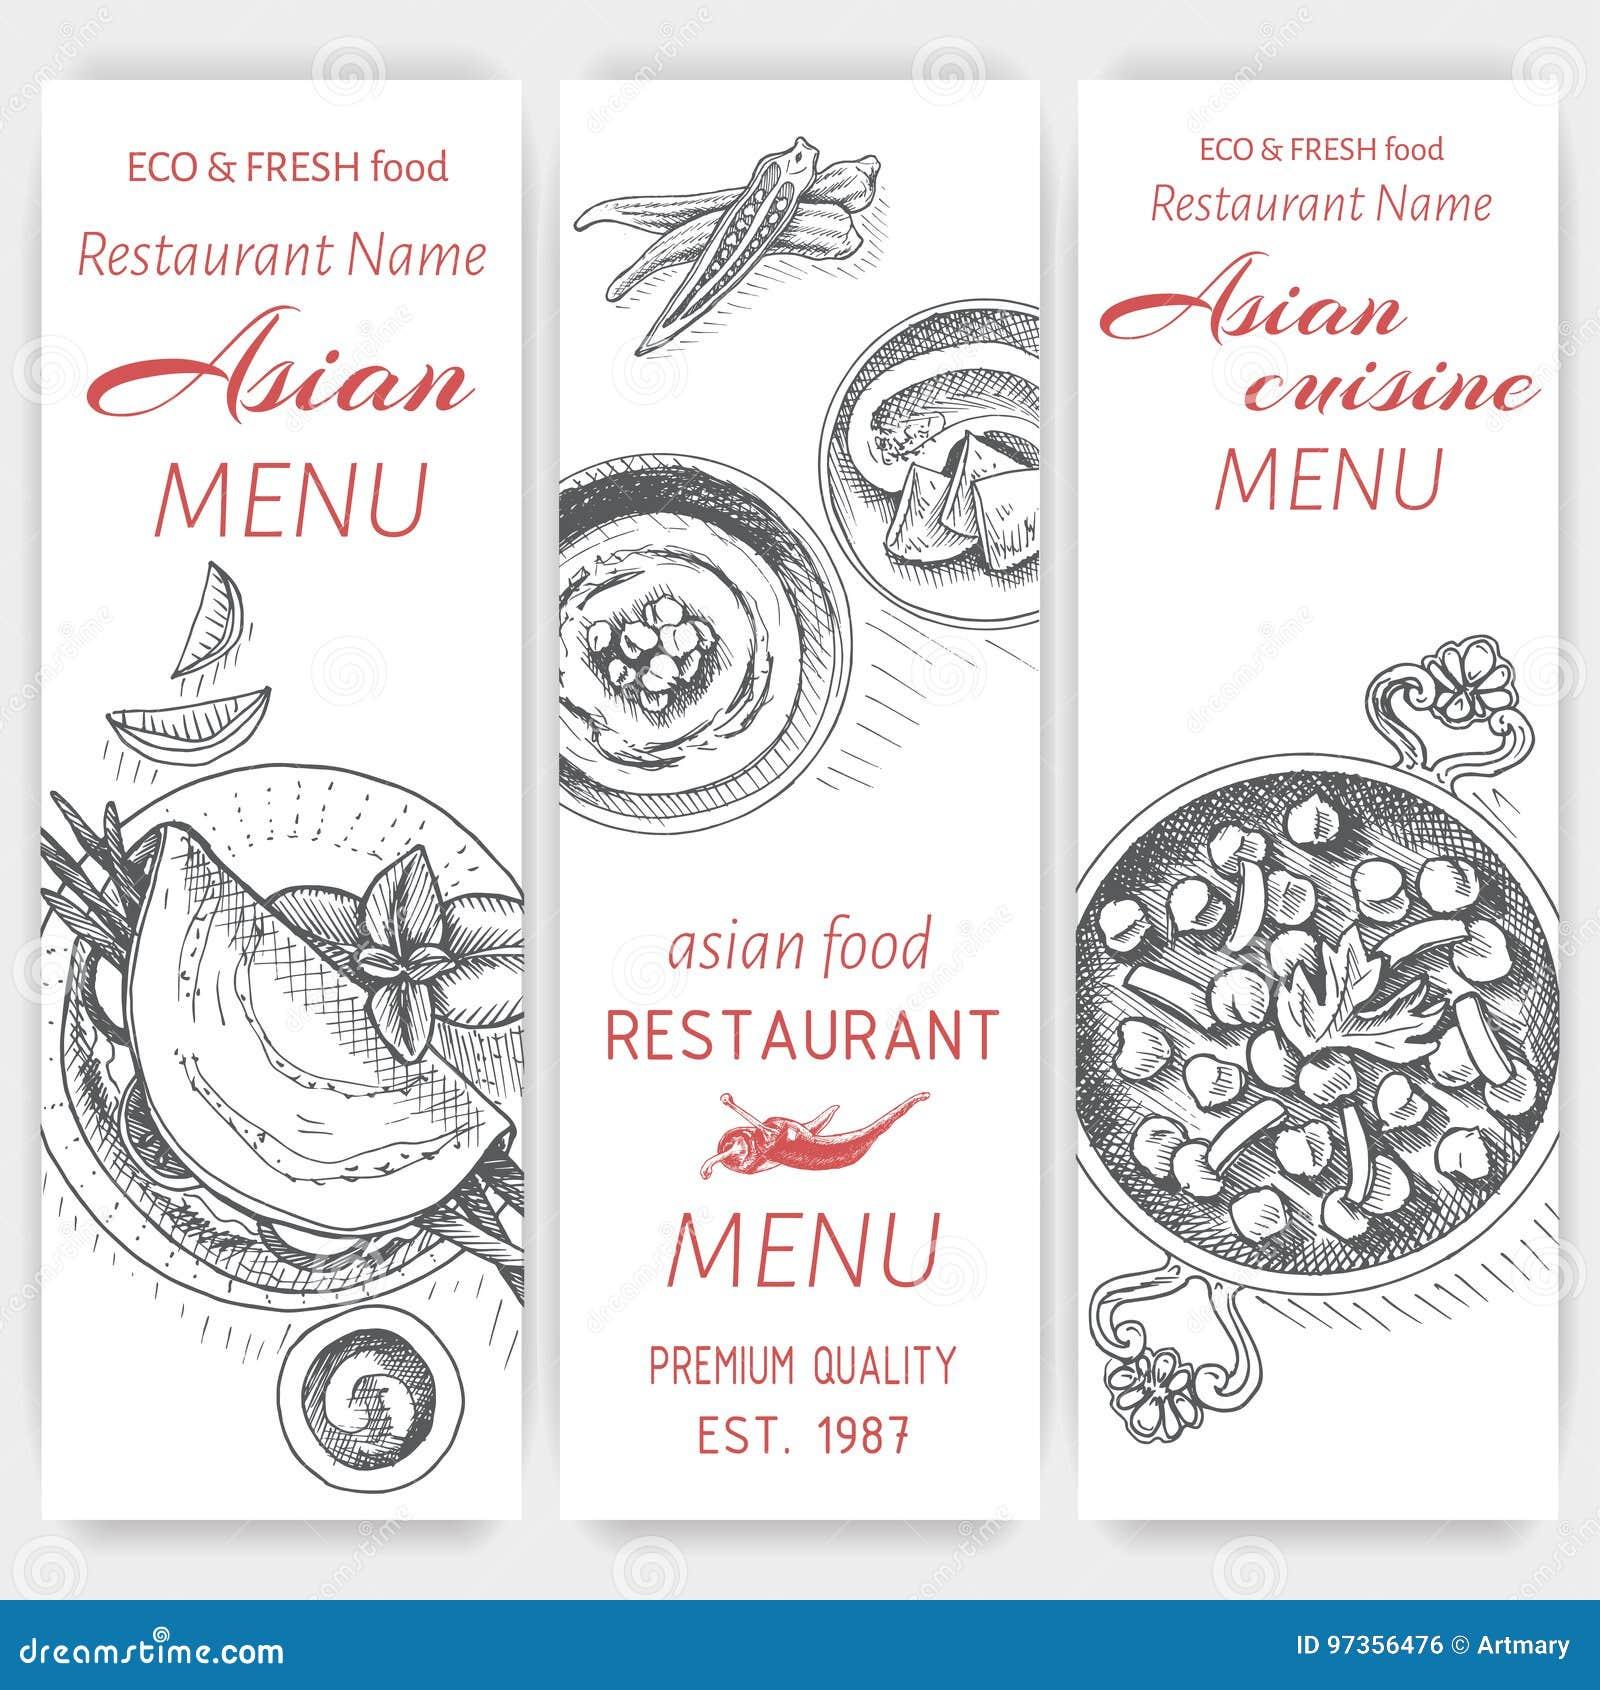 Moderno Plantilla De Menú De Restaurante Indio Friso - Ejemplo De ...